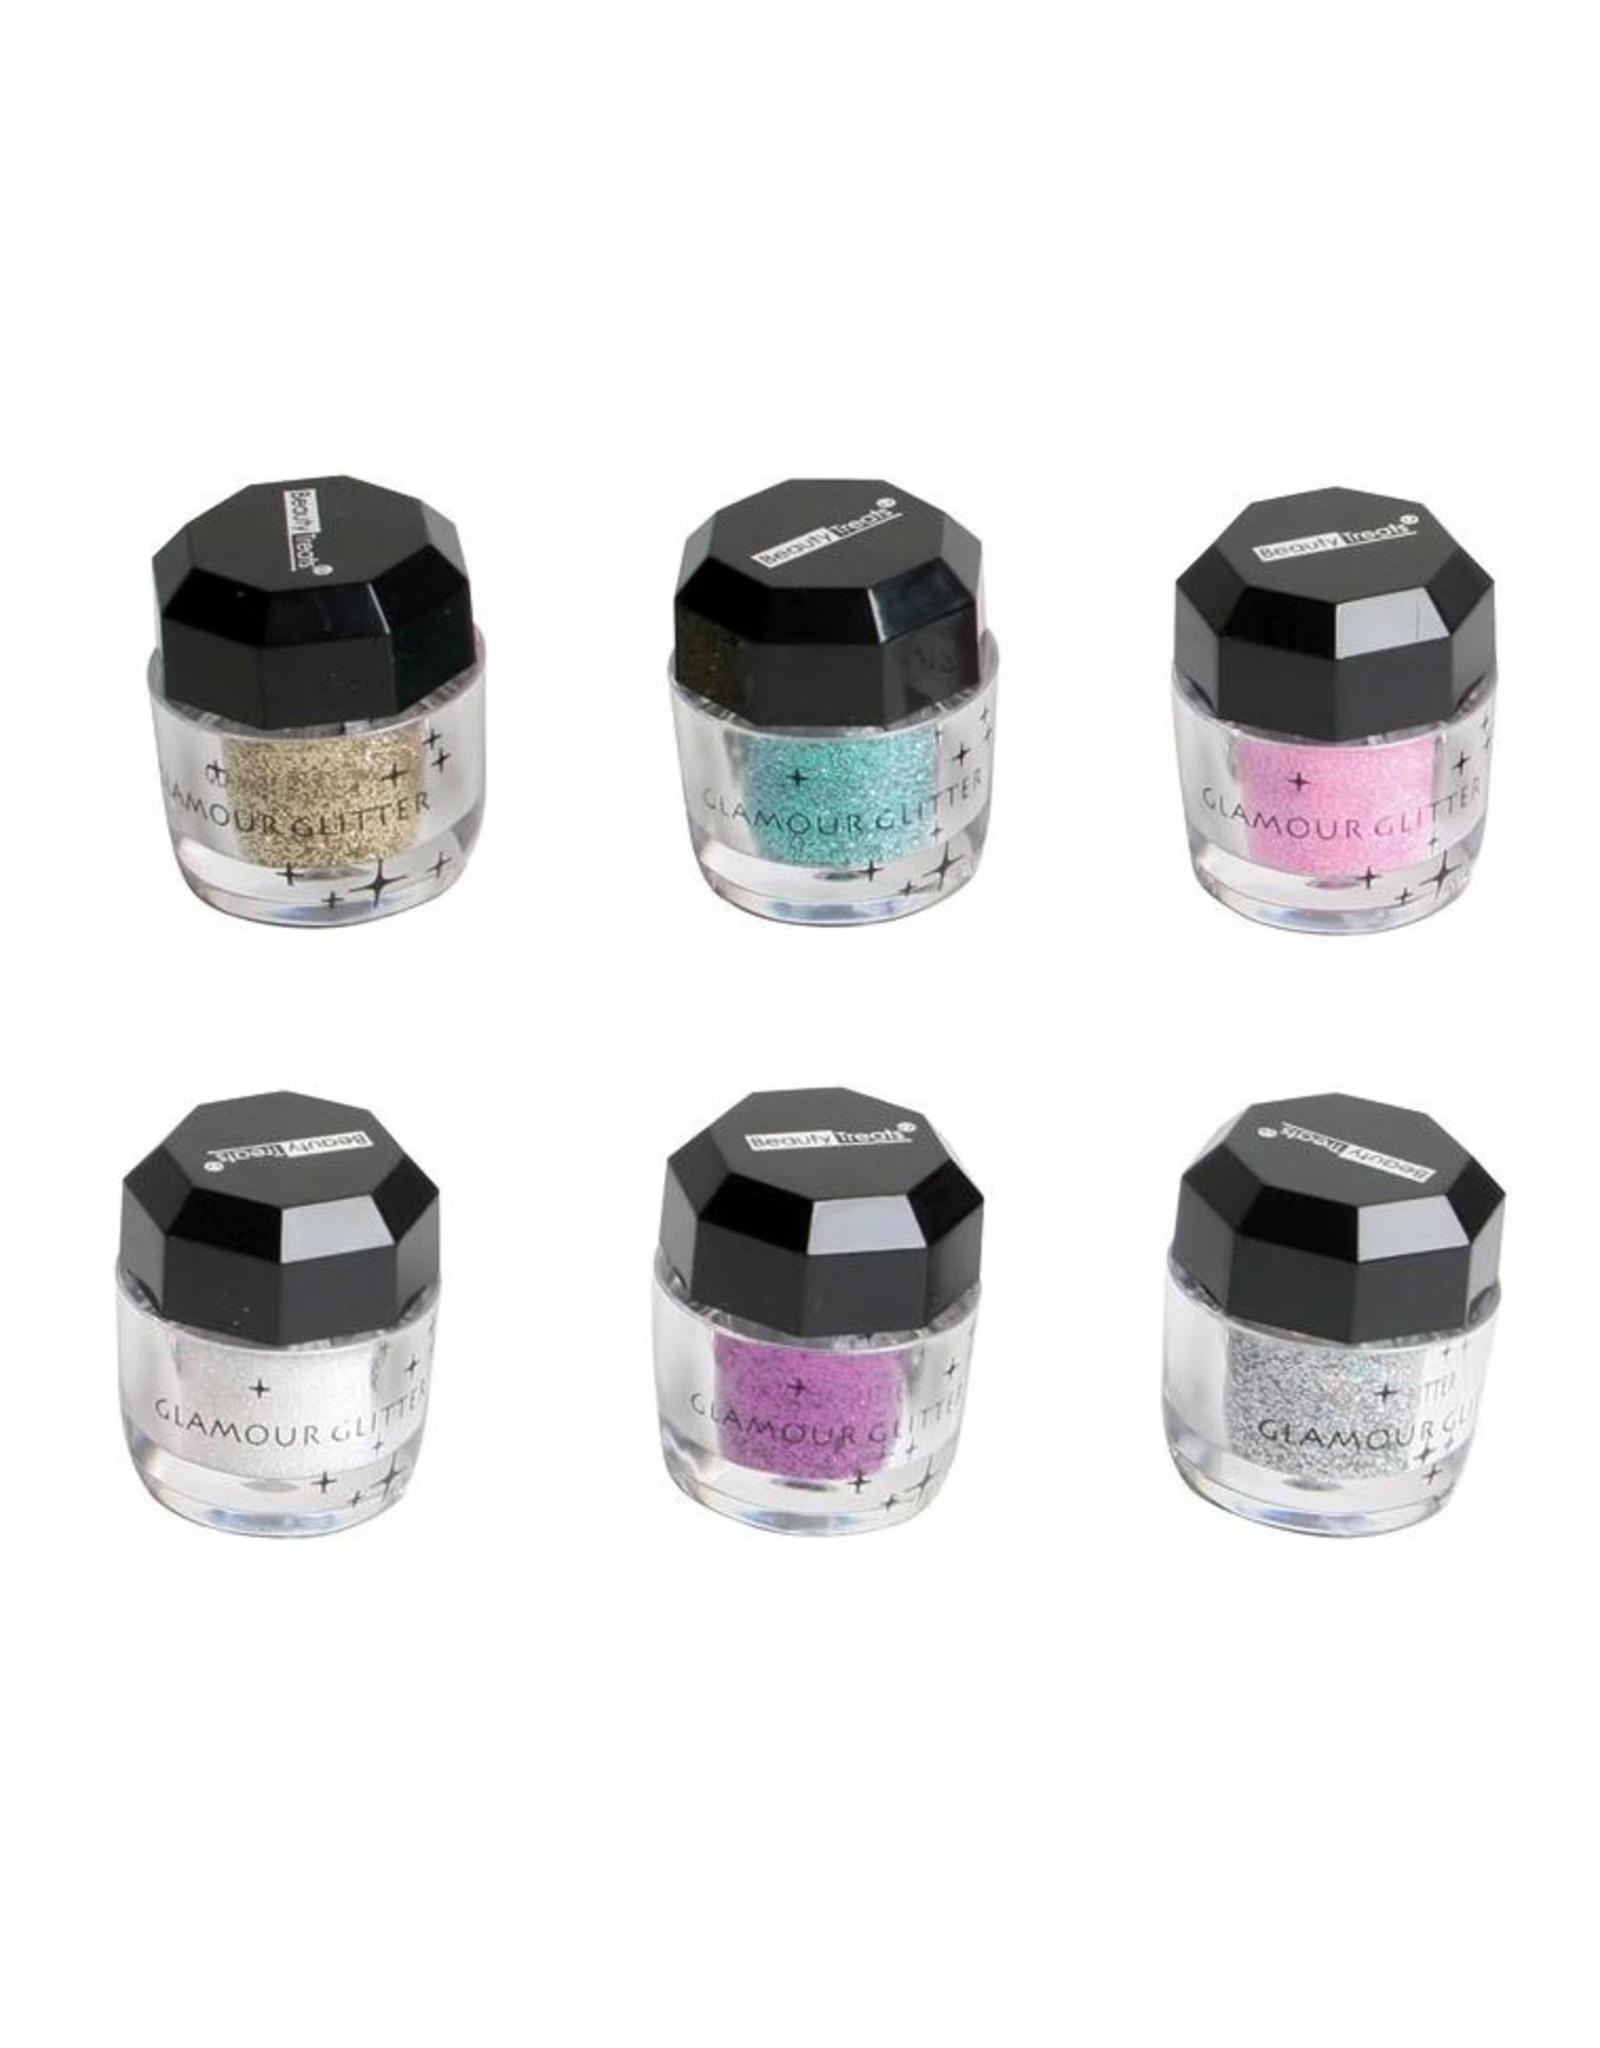 Dasha Glamour glitter 326